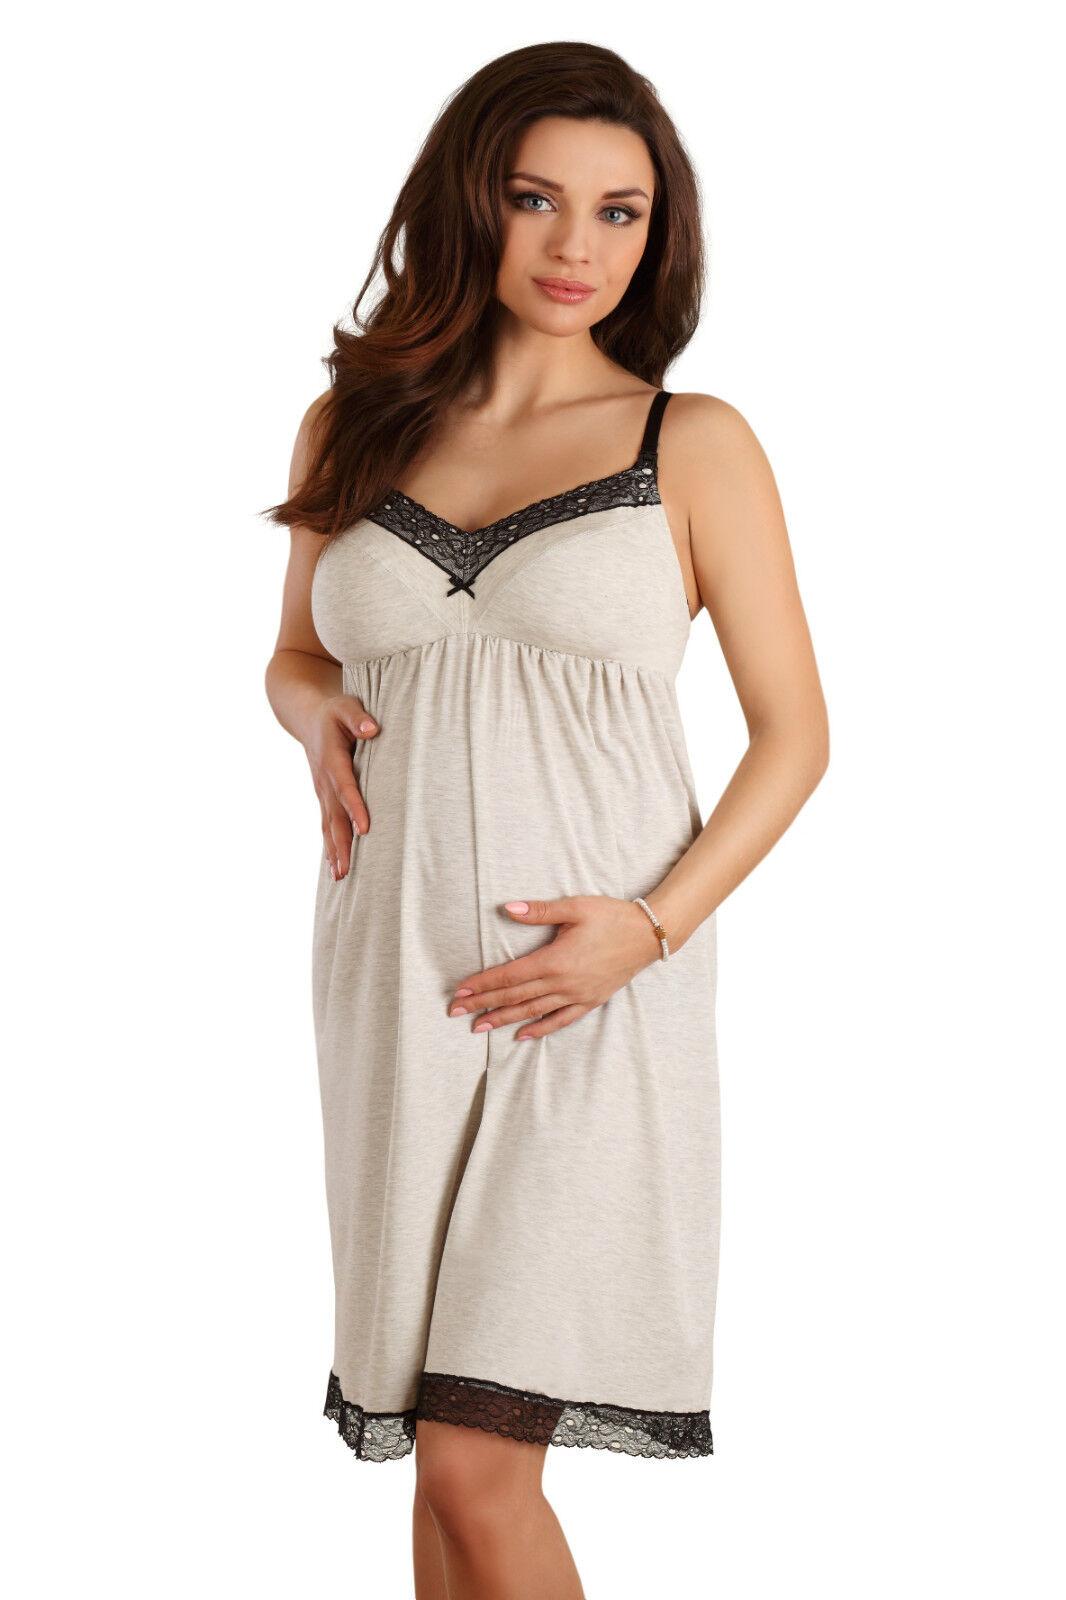 Lupoline sensuel chemise still chemise de nuit/circonstance chemise sensuel de nuit en taille 36-44 f6b1ce